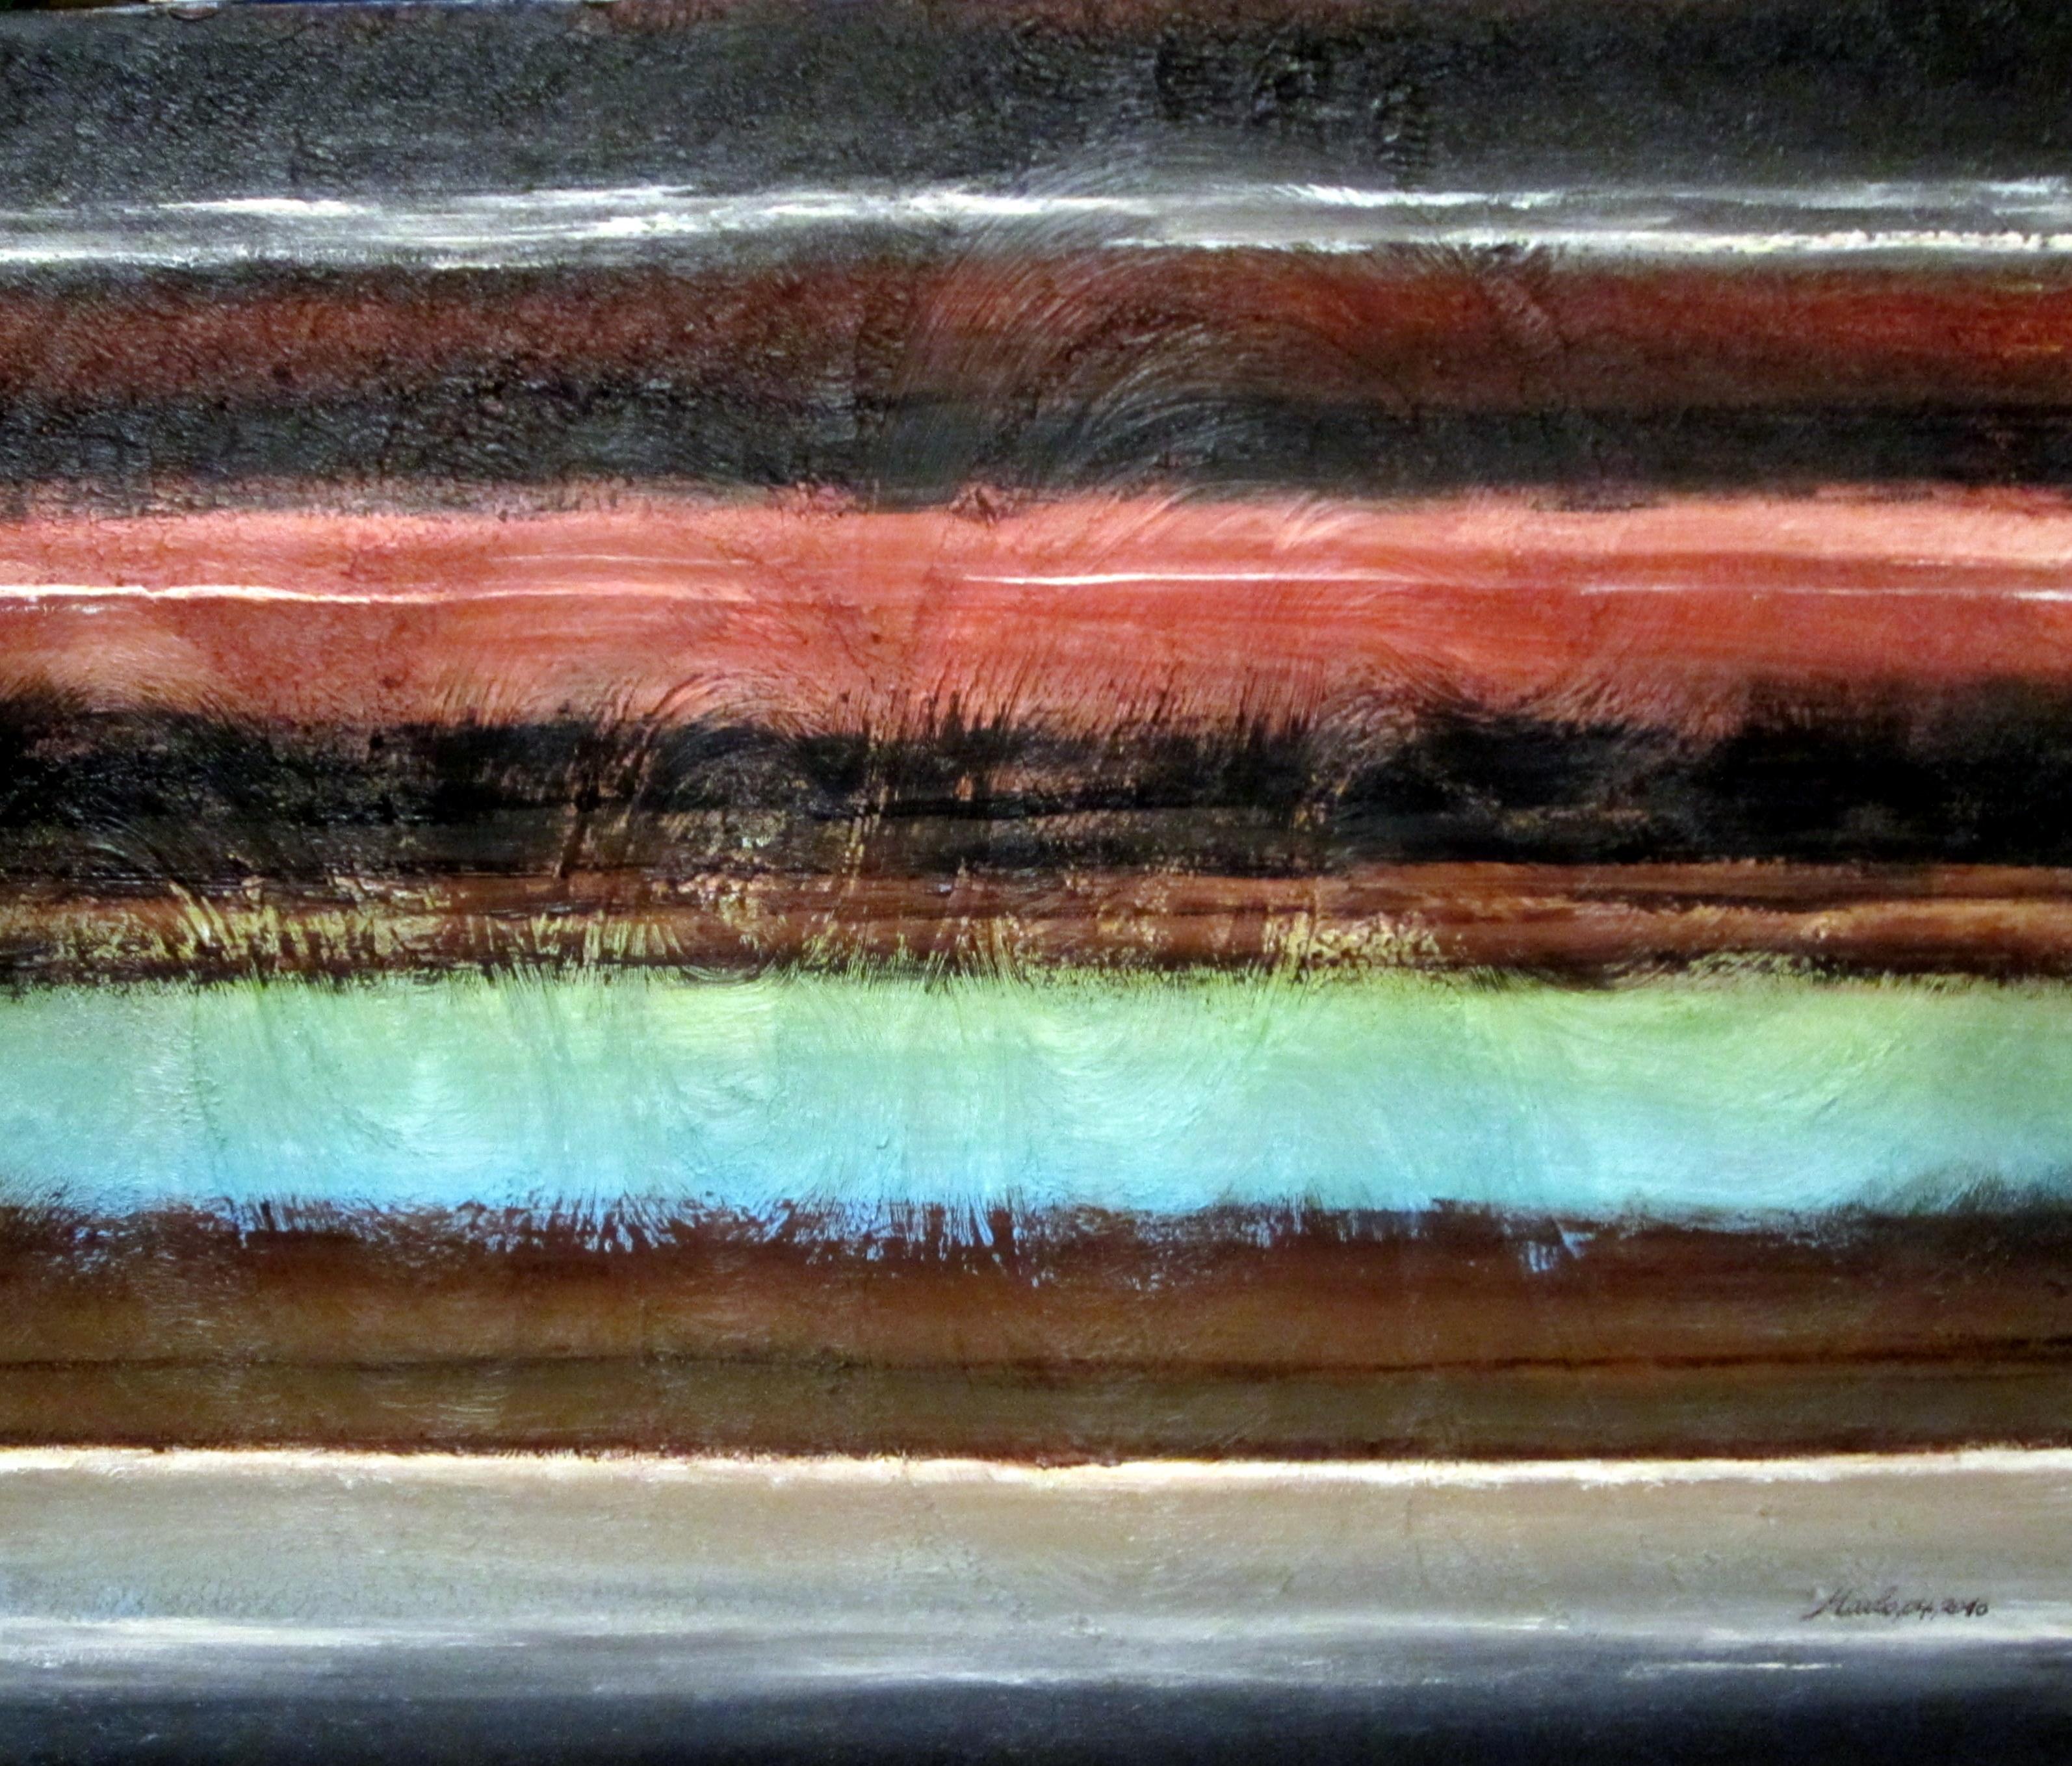 Horizons La riviere, acrylique sur toile 60/50cm fond granulé avec des vagues comme celles d\'une rivière VENDU